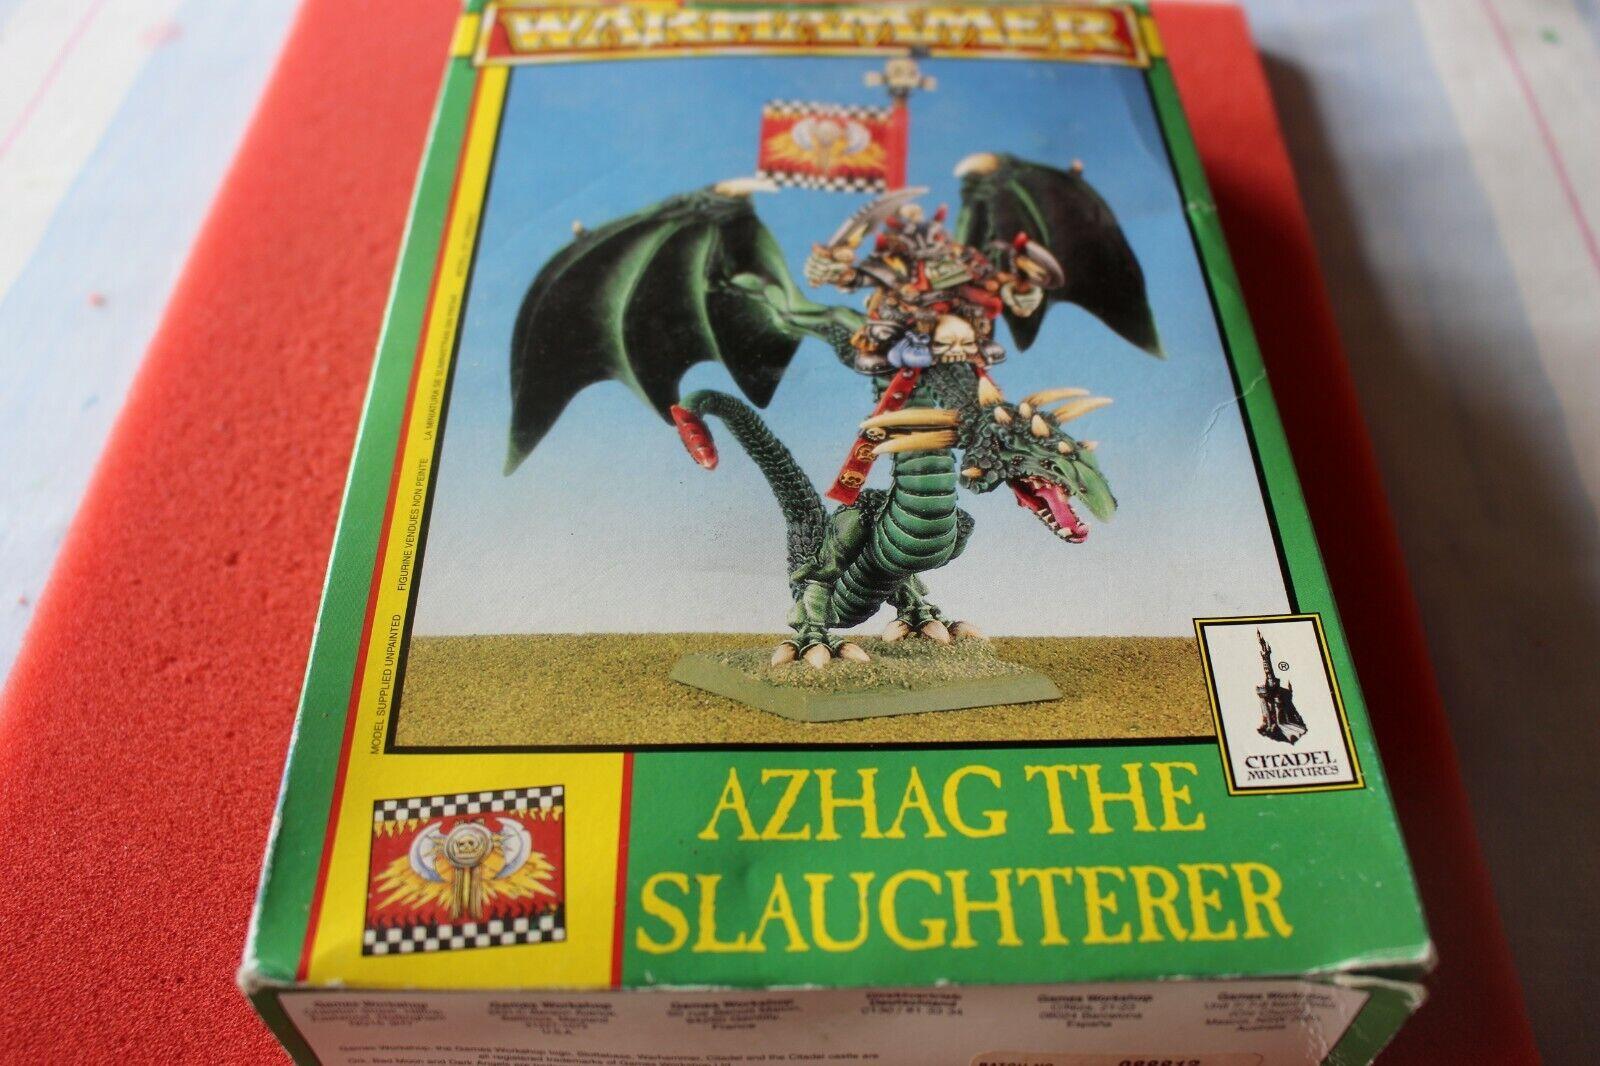 Games Workshop Warhammer azhag  the Slaughterer ORCS Dragon Orc Neuf dans sa boîte Metal Épuisé nouveau  jusqu'à 70% de réduction